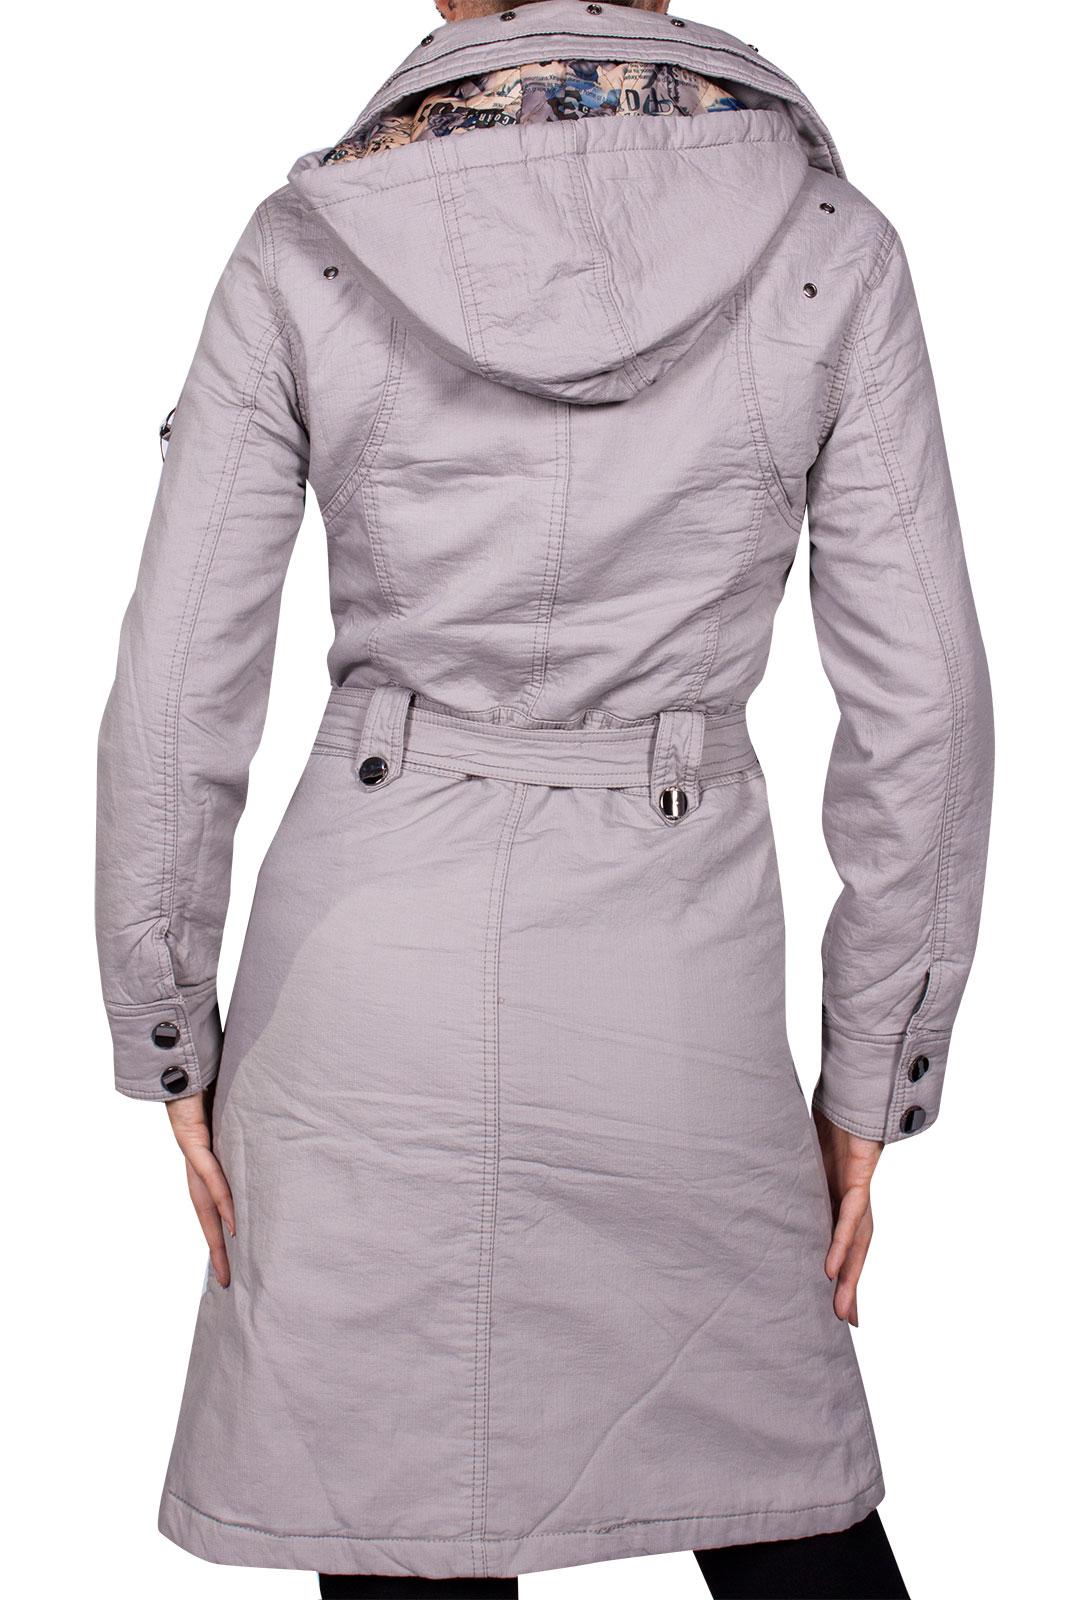 designer damen wintermantel warm jacke lang cotton mantel parka kapuze ebay. Black Bedroom Furniture Sets. Home Design Ideas